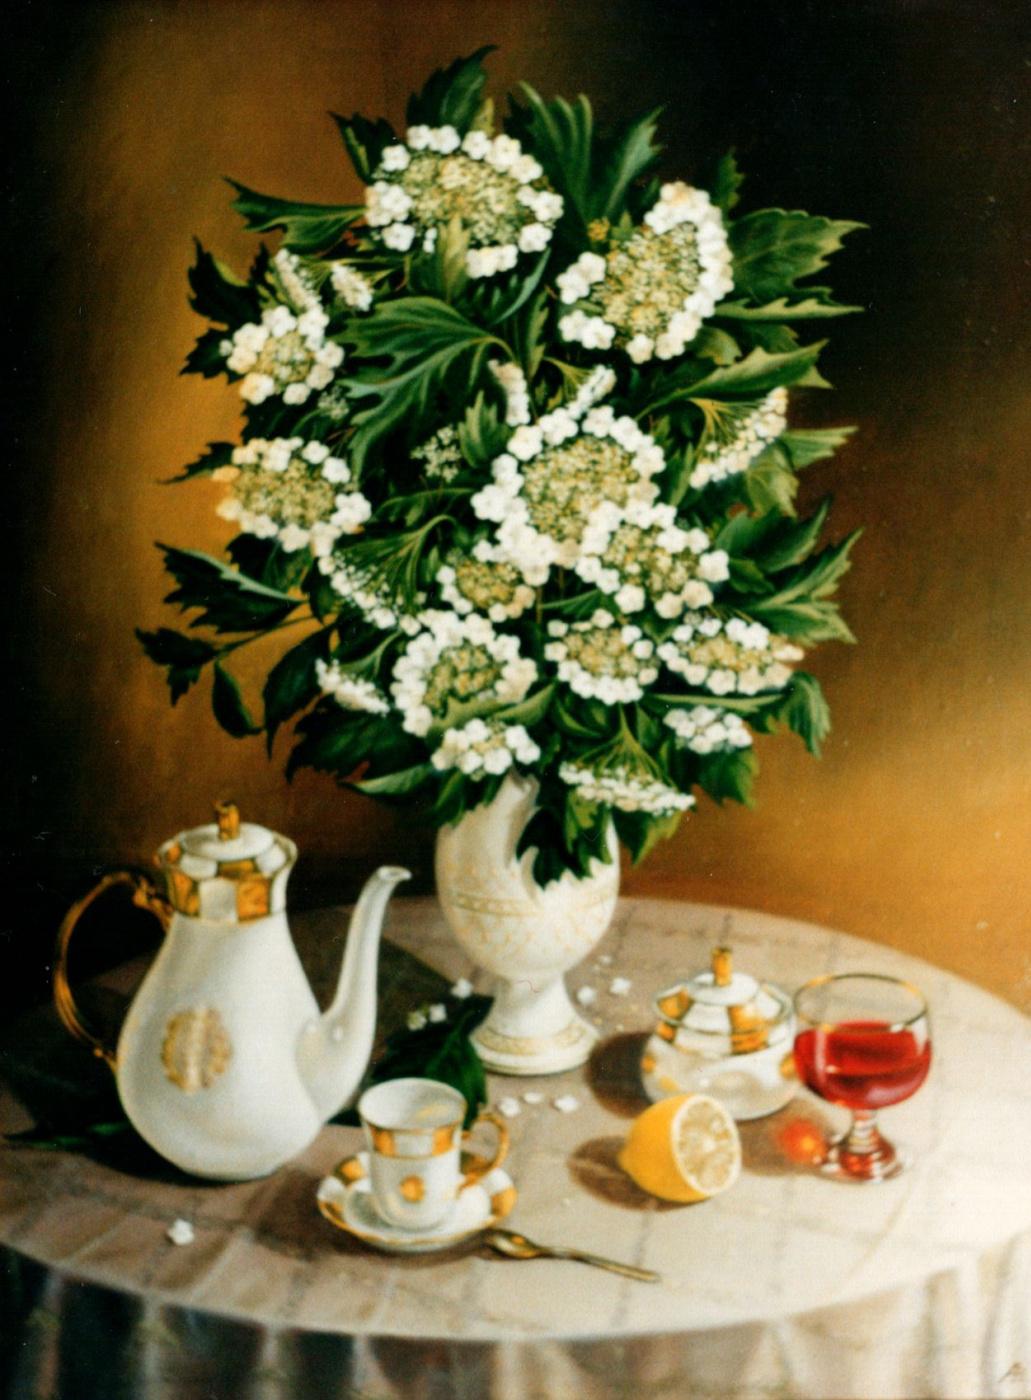 Vladimir Vasilyevich Abaimov. The White Snowball Tree